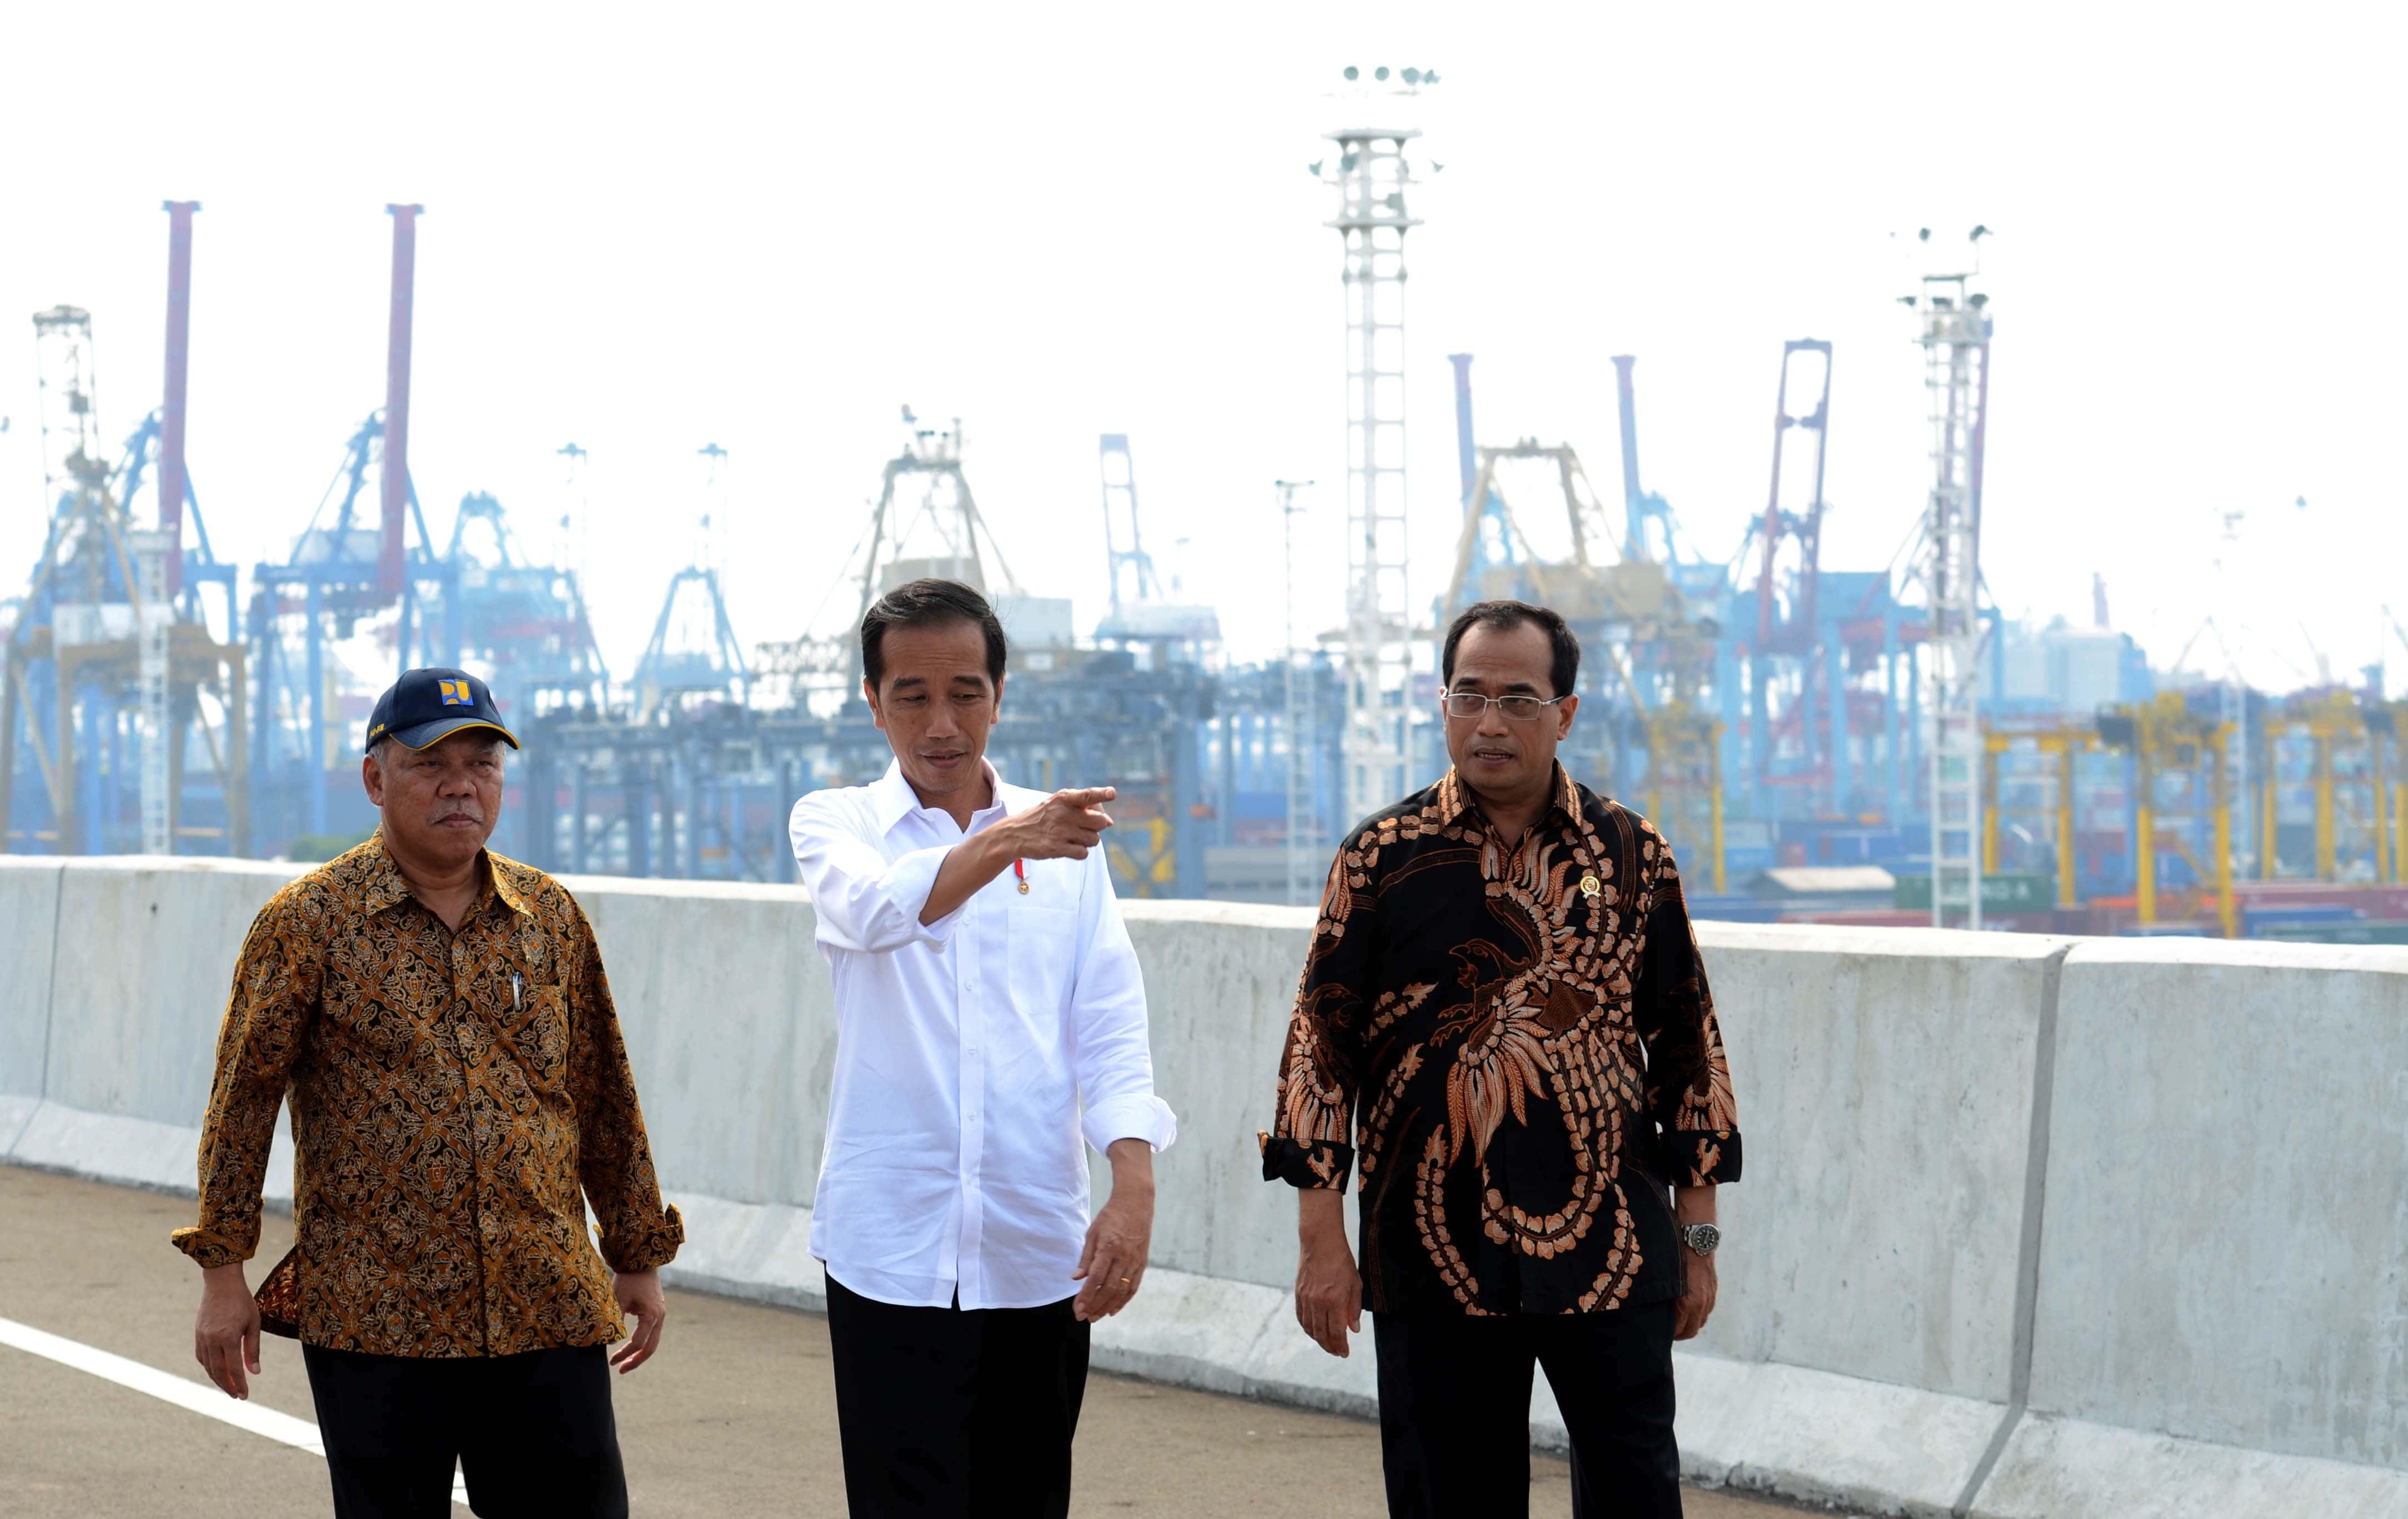 Presiden Jokowi didampingi Menhub dan Menteri PUPR saat tinjau jalan tol akses Tanjung Priok, Jakarta, Sabtu (15/4). (Foto: Humas/Jay)